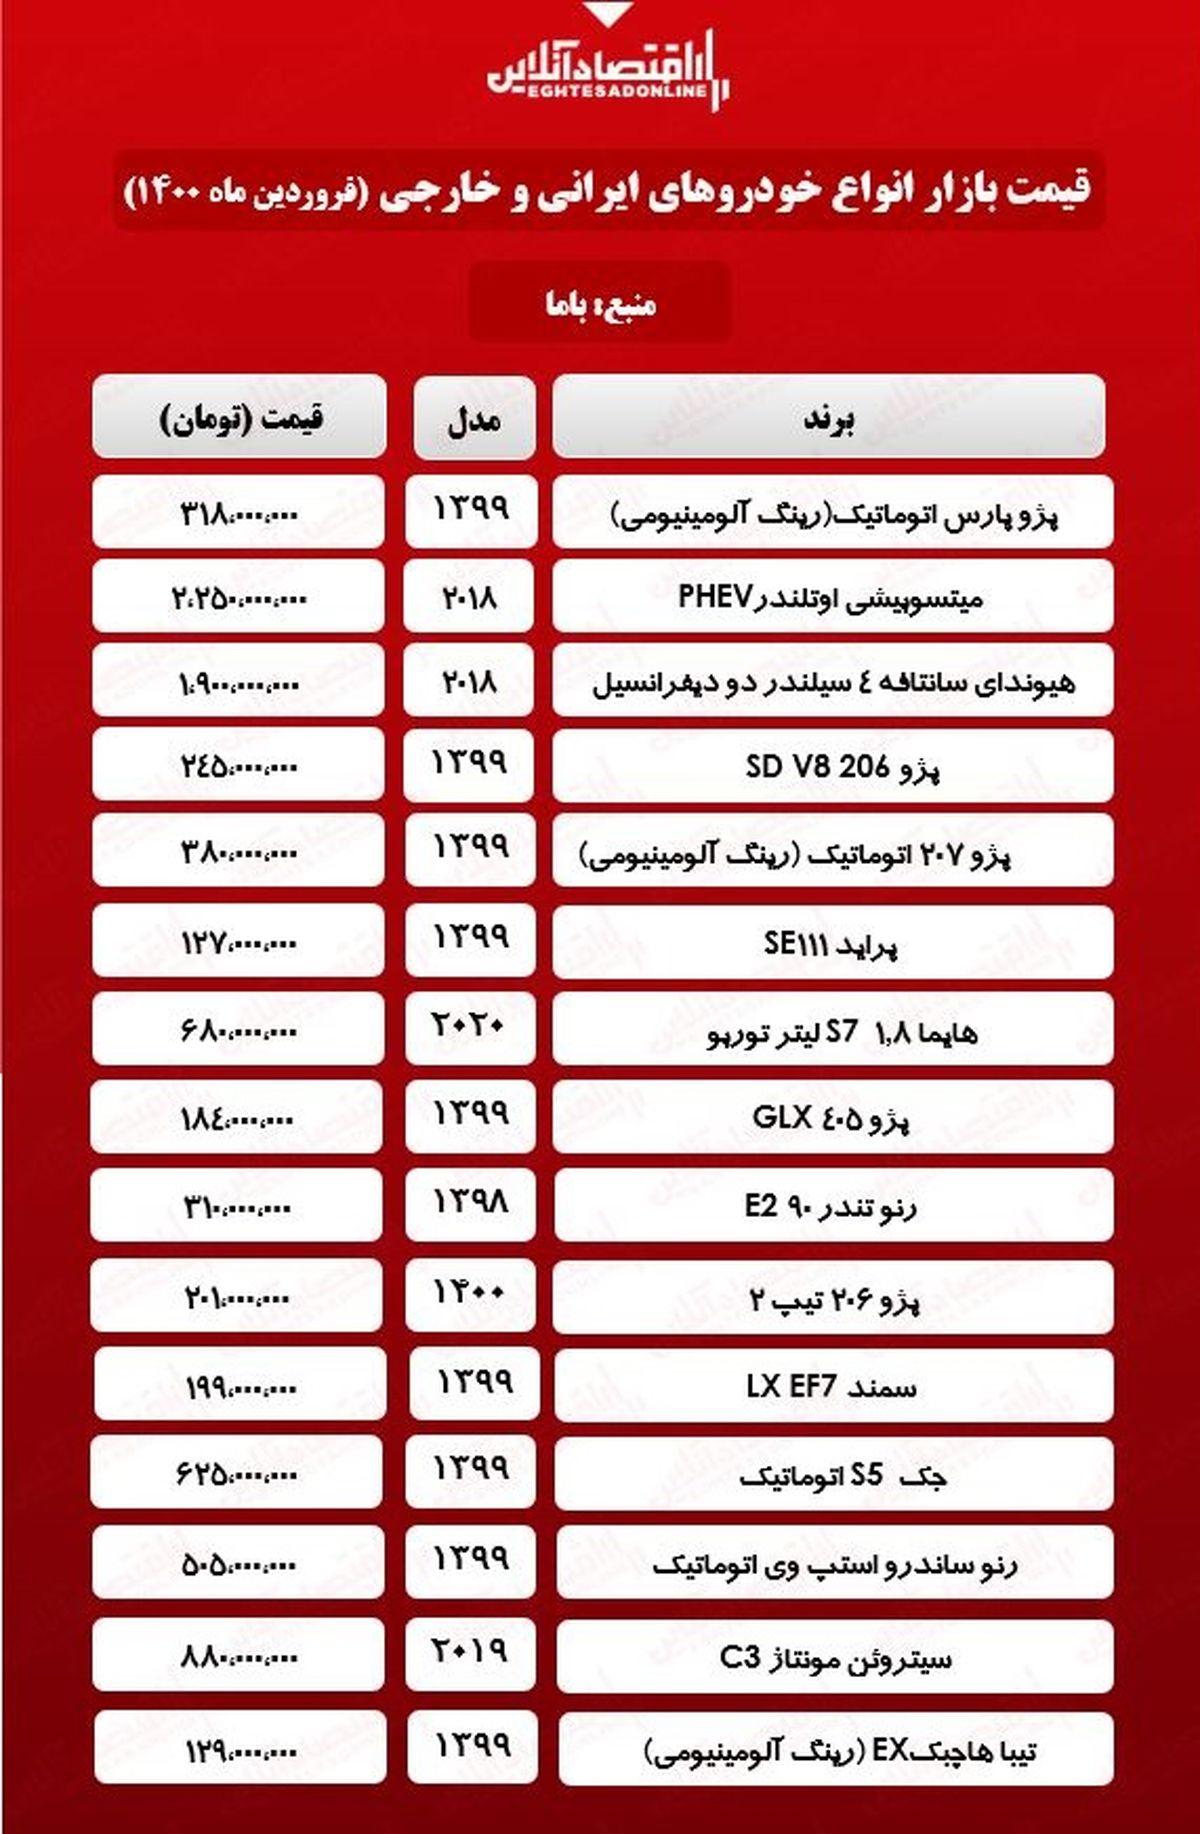 قیمت خودرو امروز ۱۴۰۰/۱/۱۶